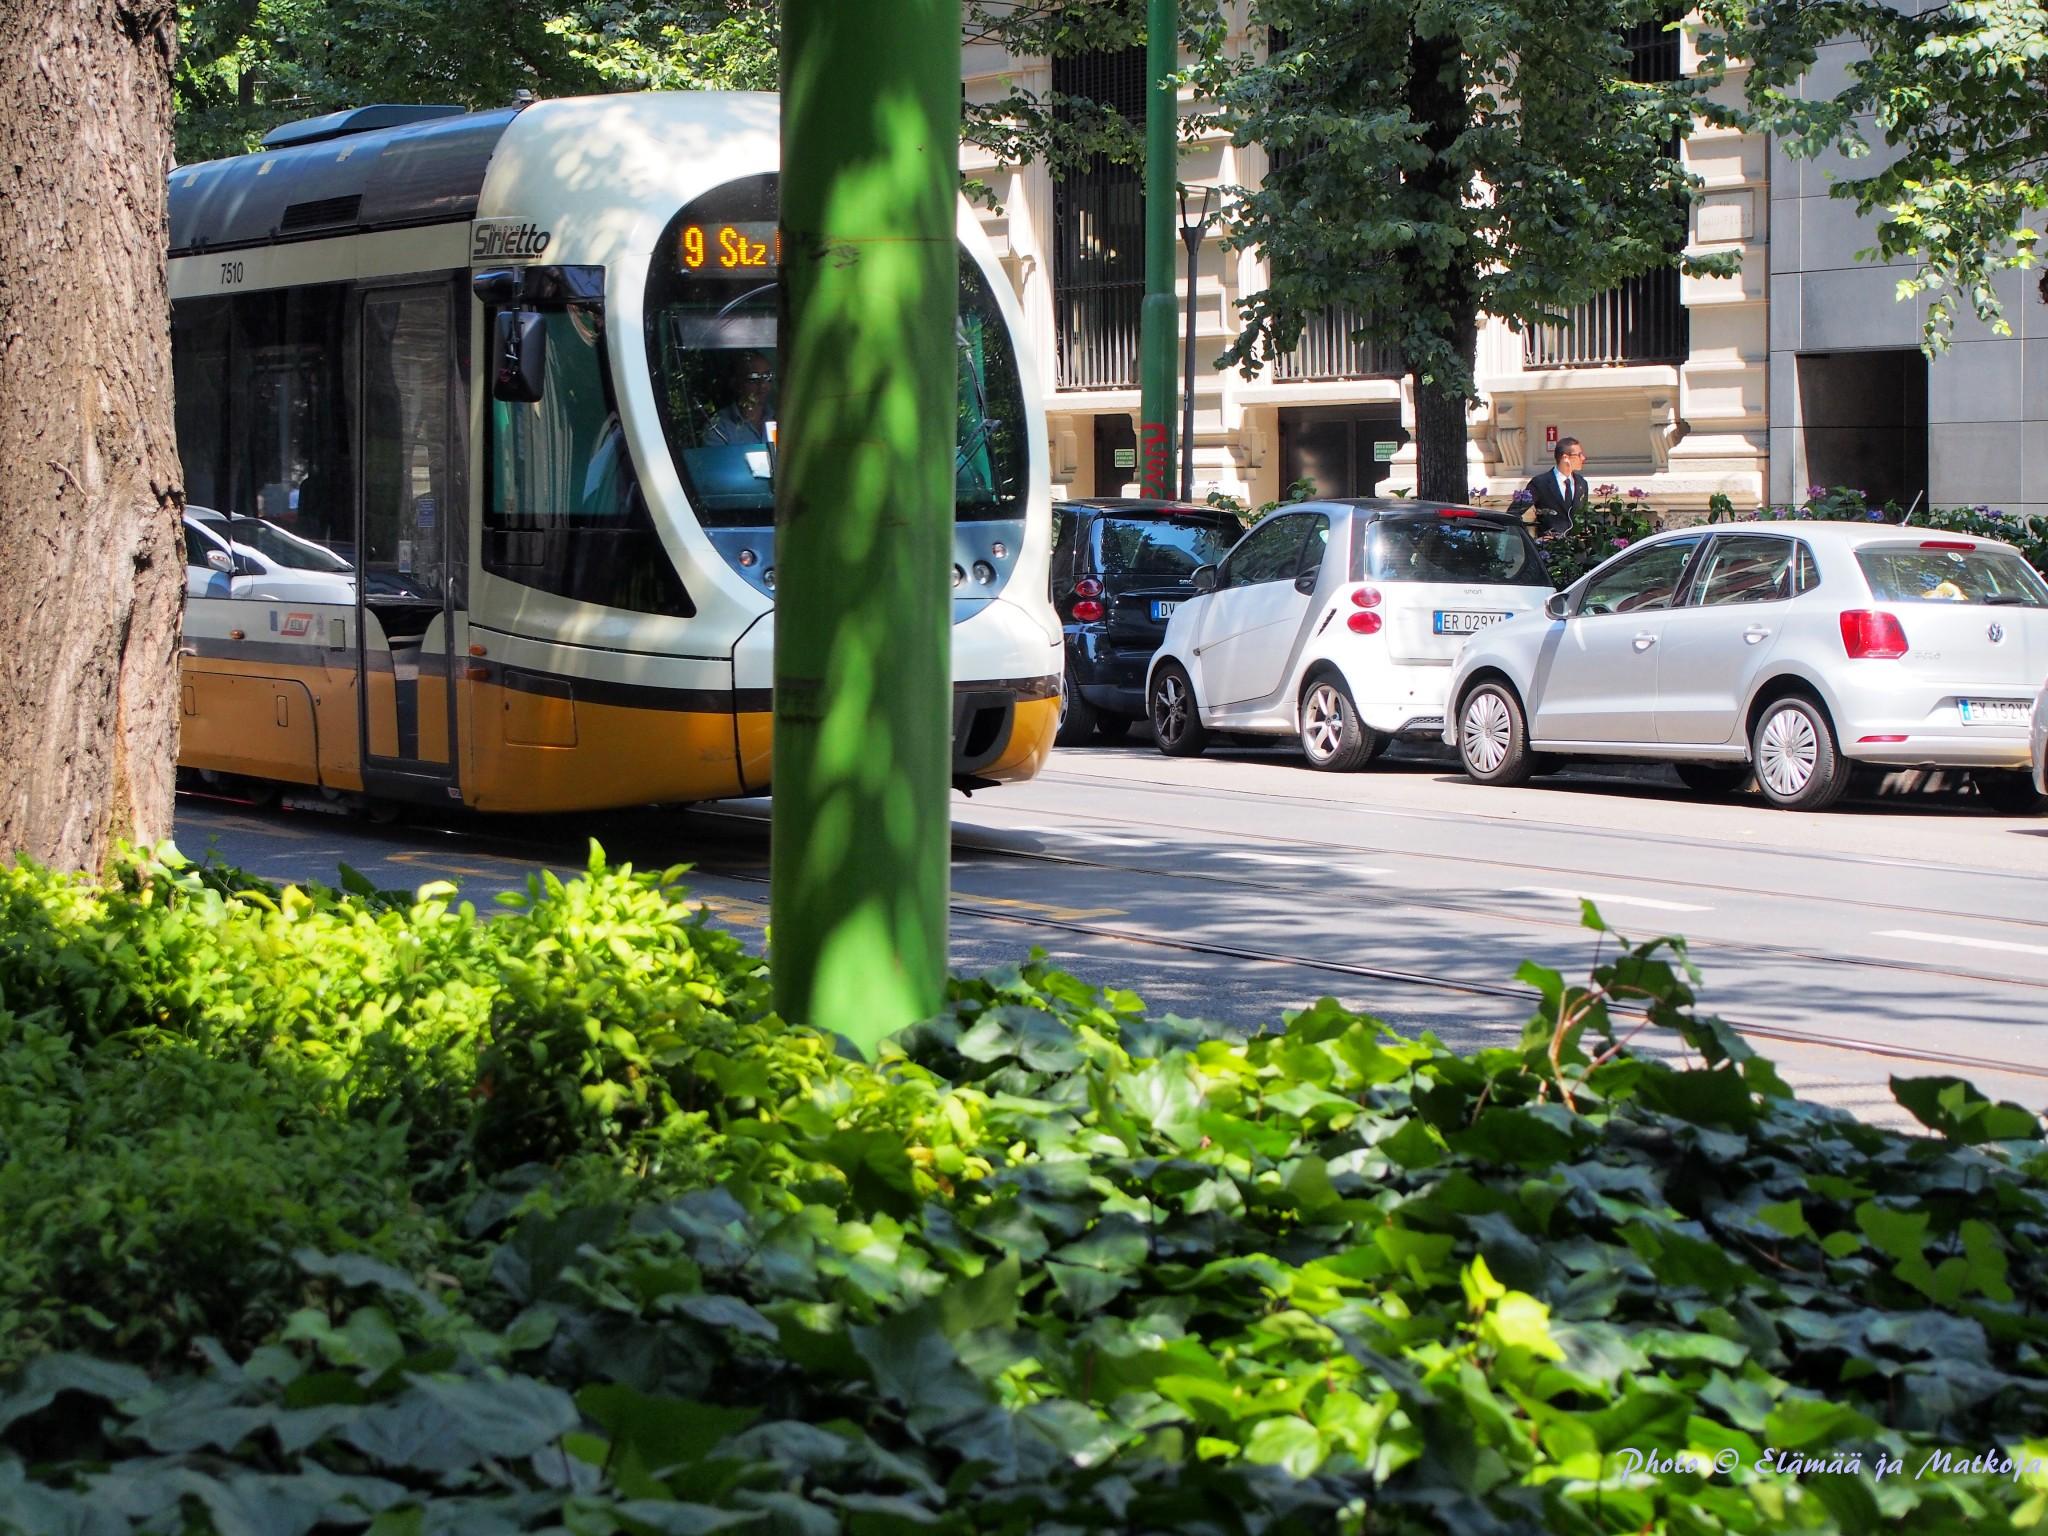 Milano street view Elämää ja Matkoja matkablogi travel blog